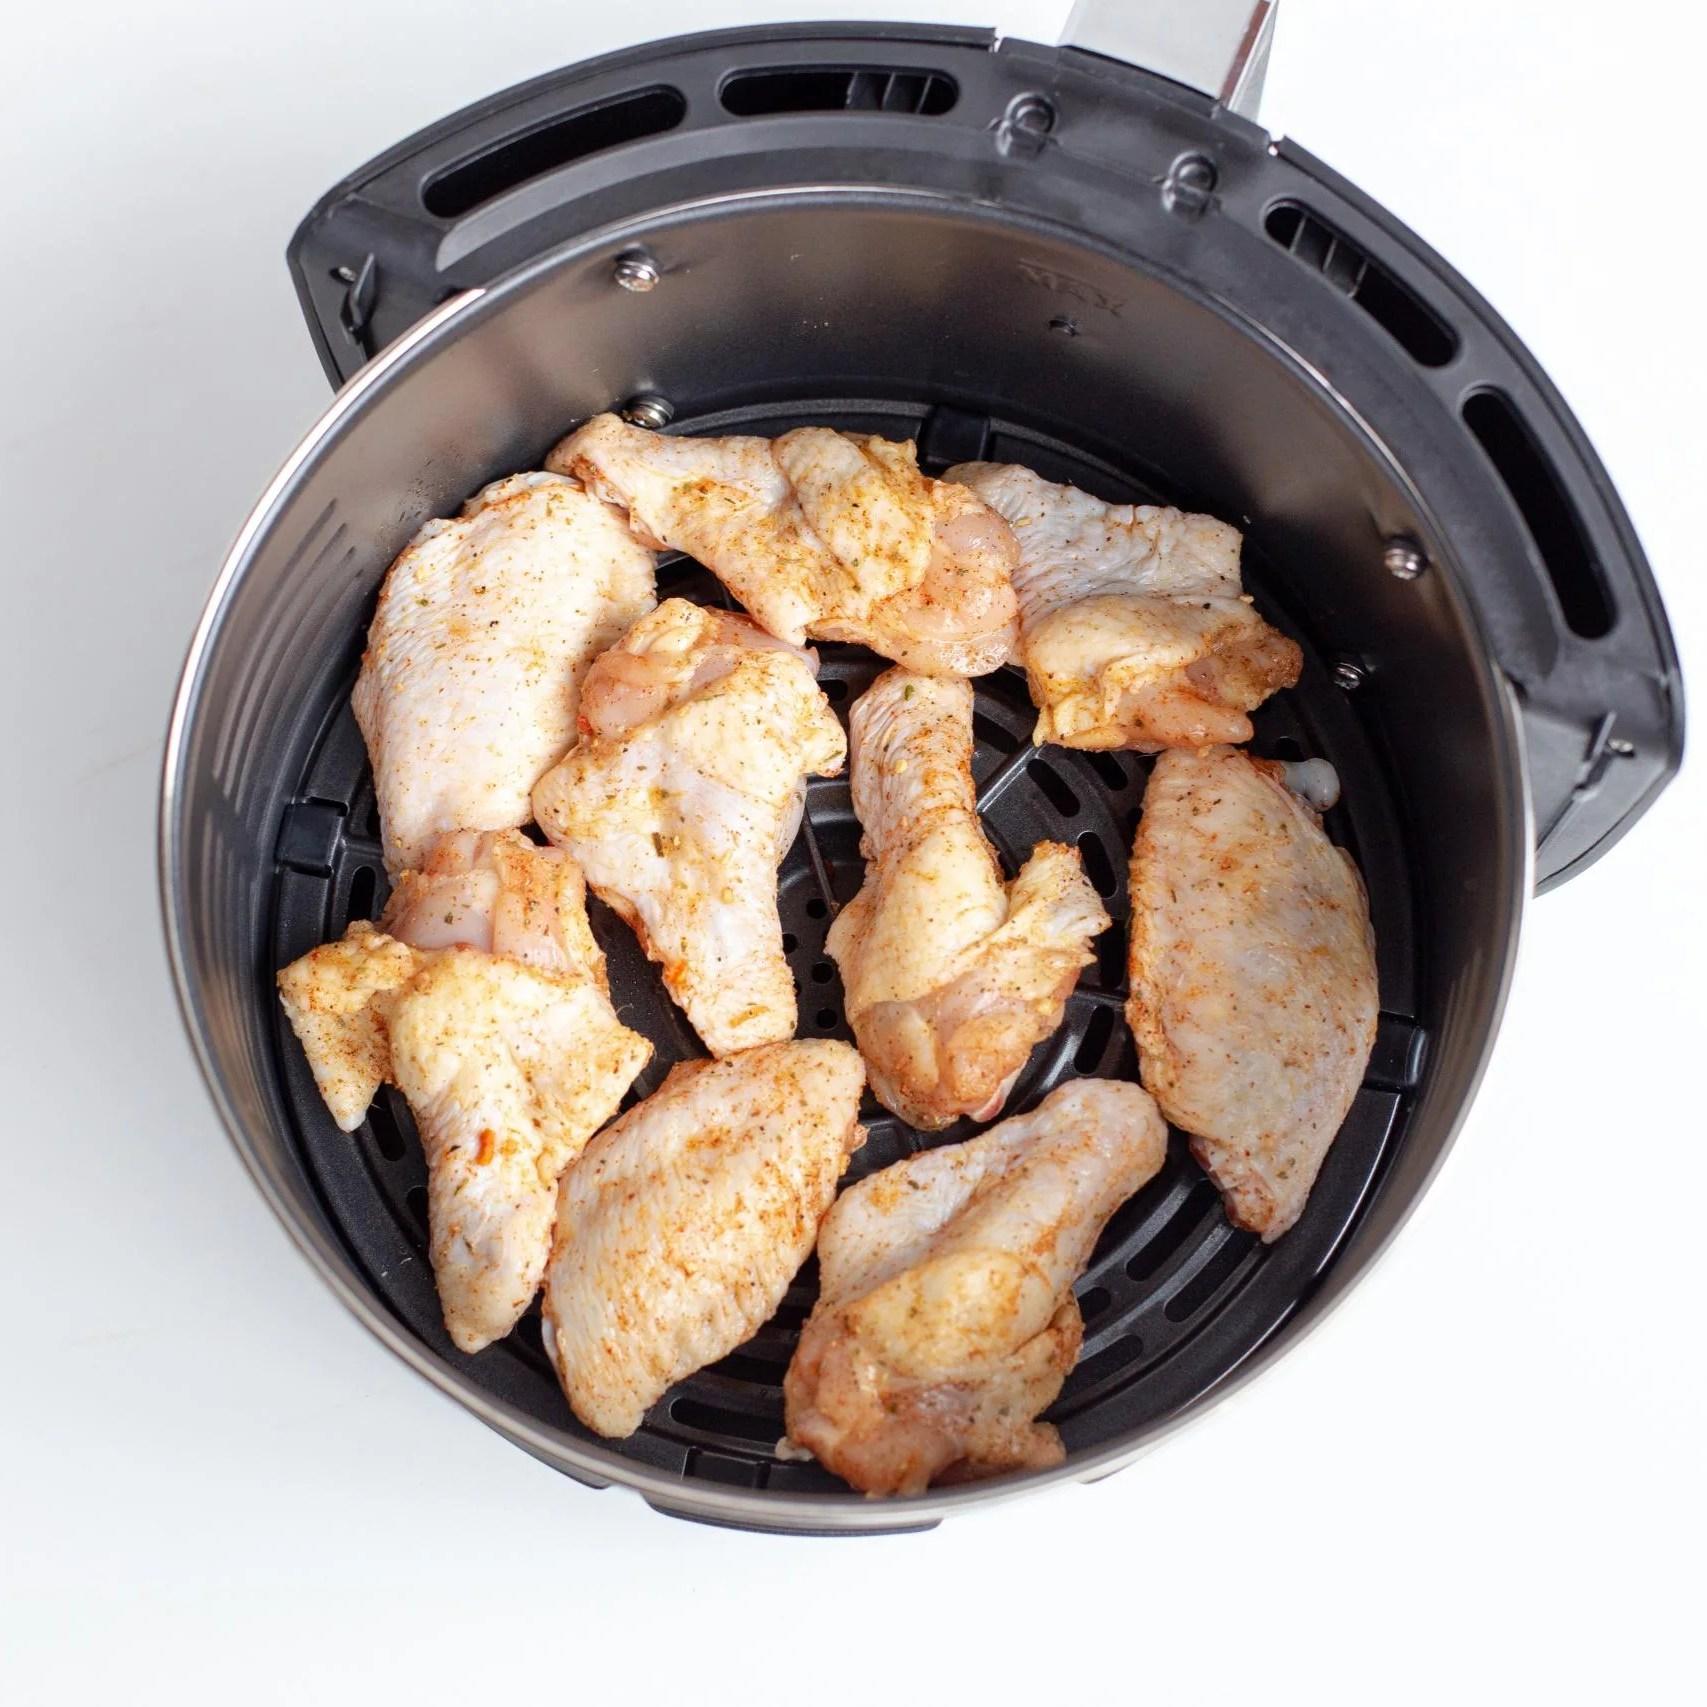 Seasoned chicken wings in an air fryer